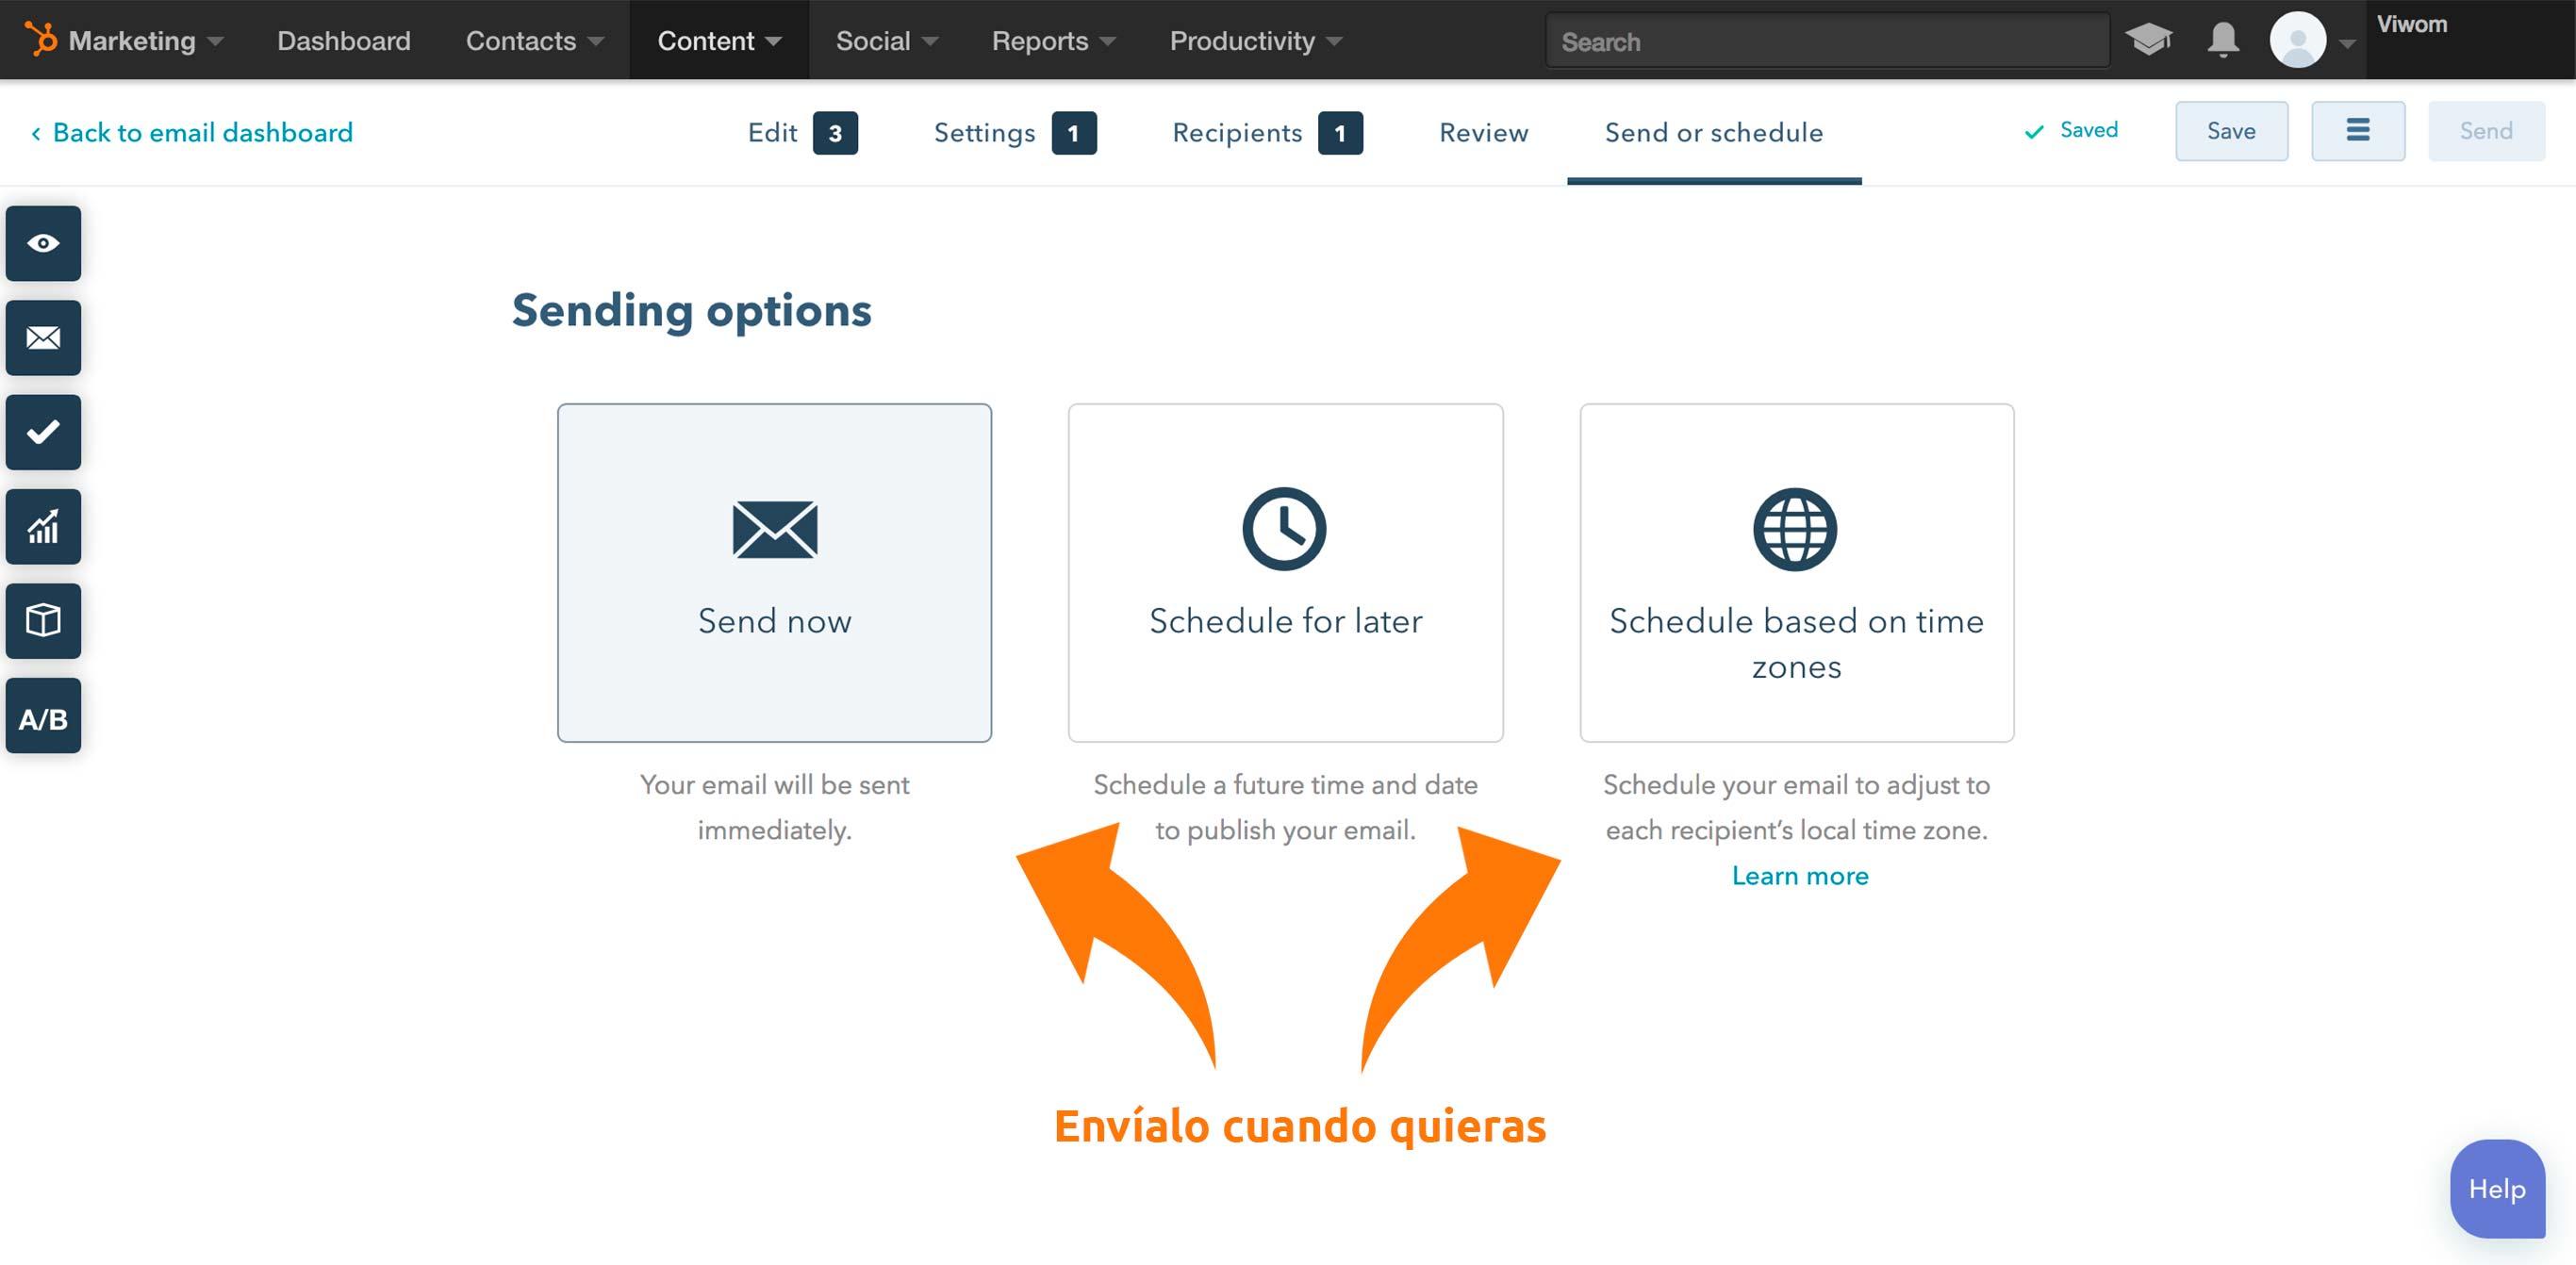 Envía tu campaña de email marketing con vídeo